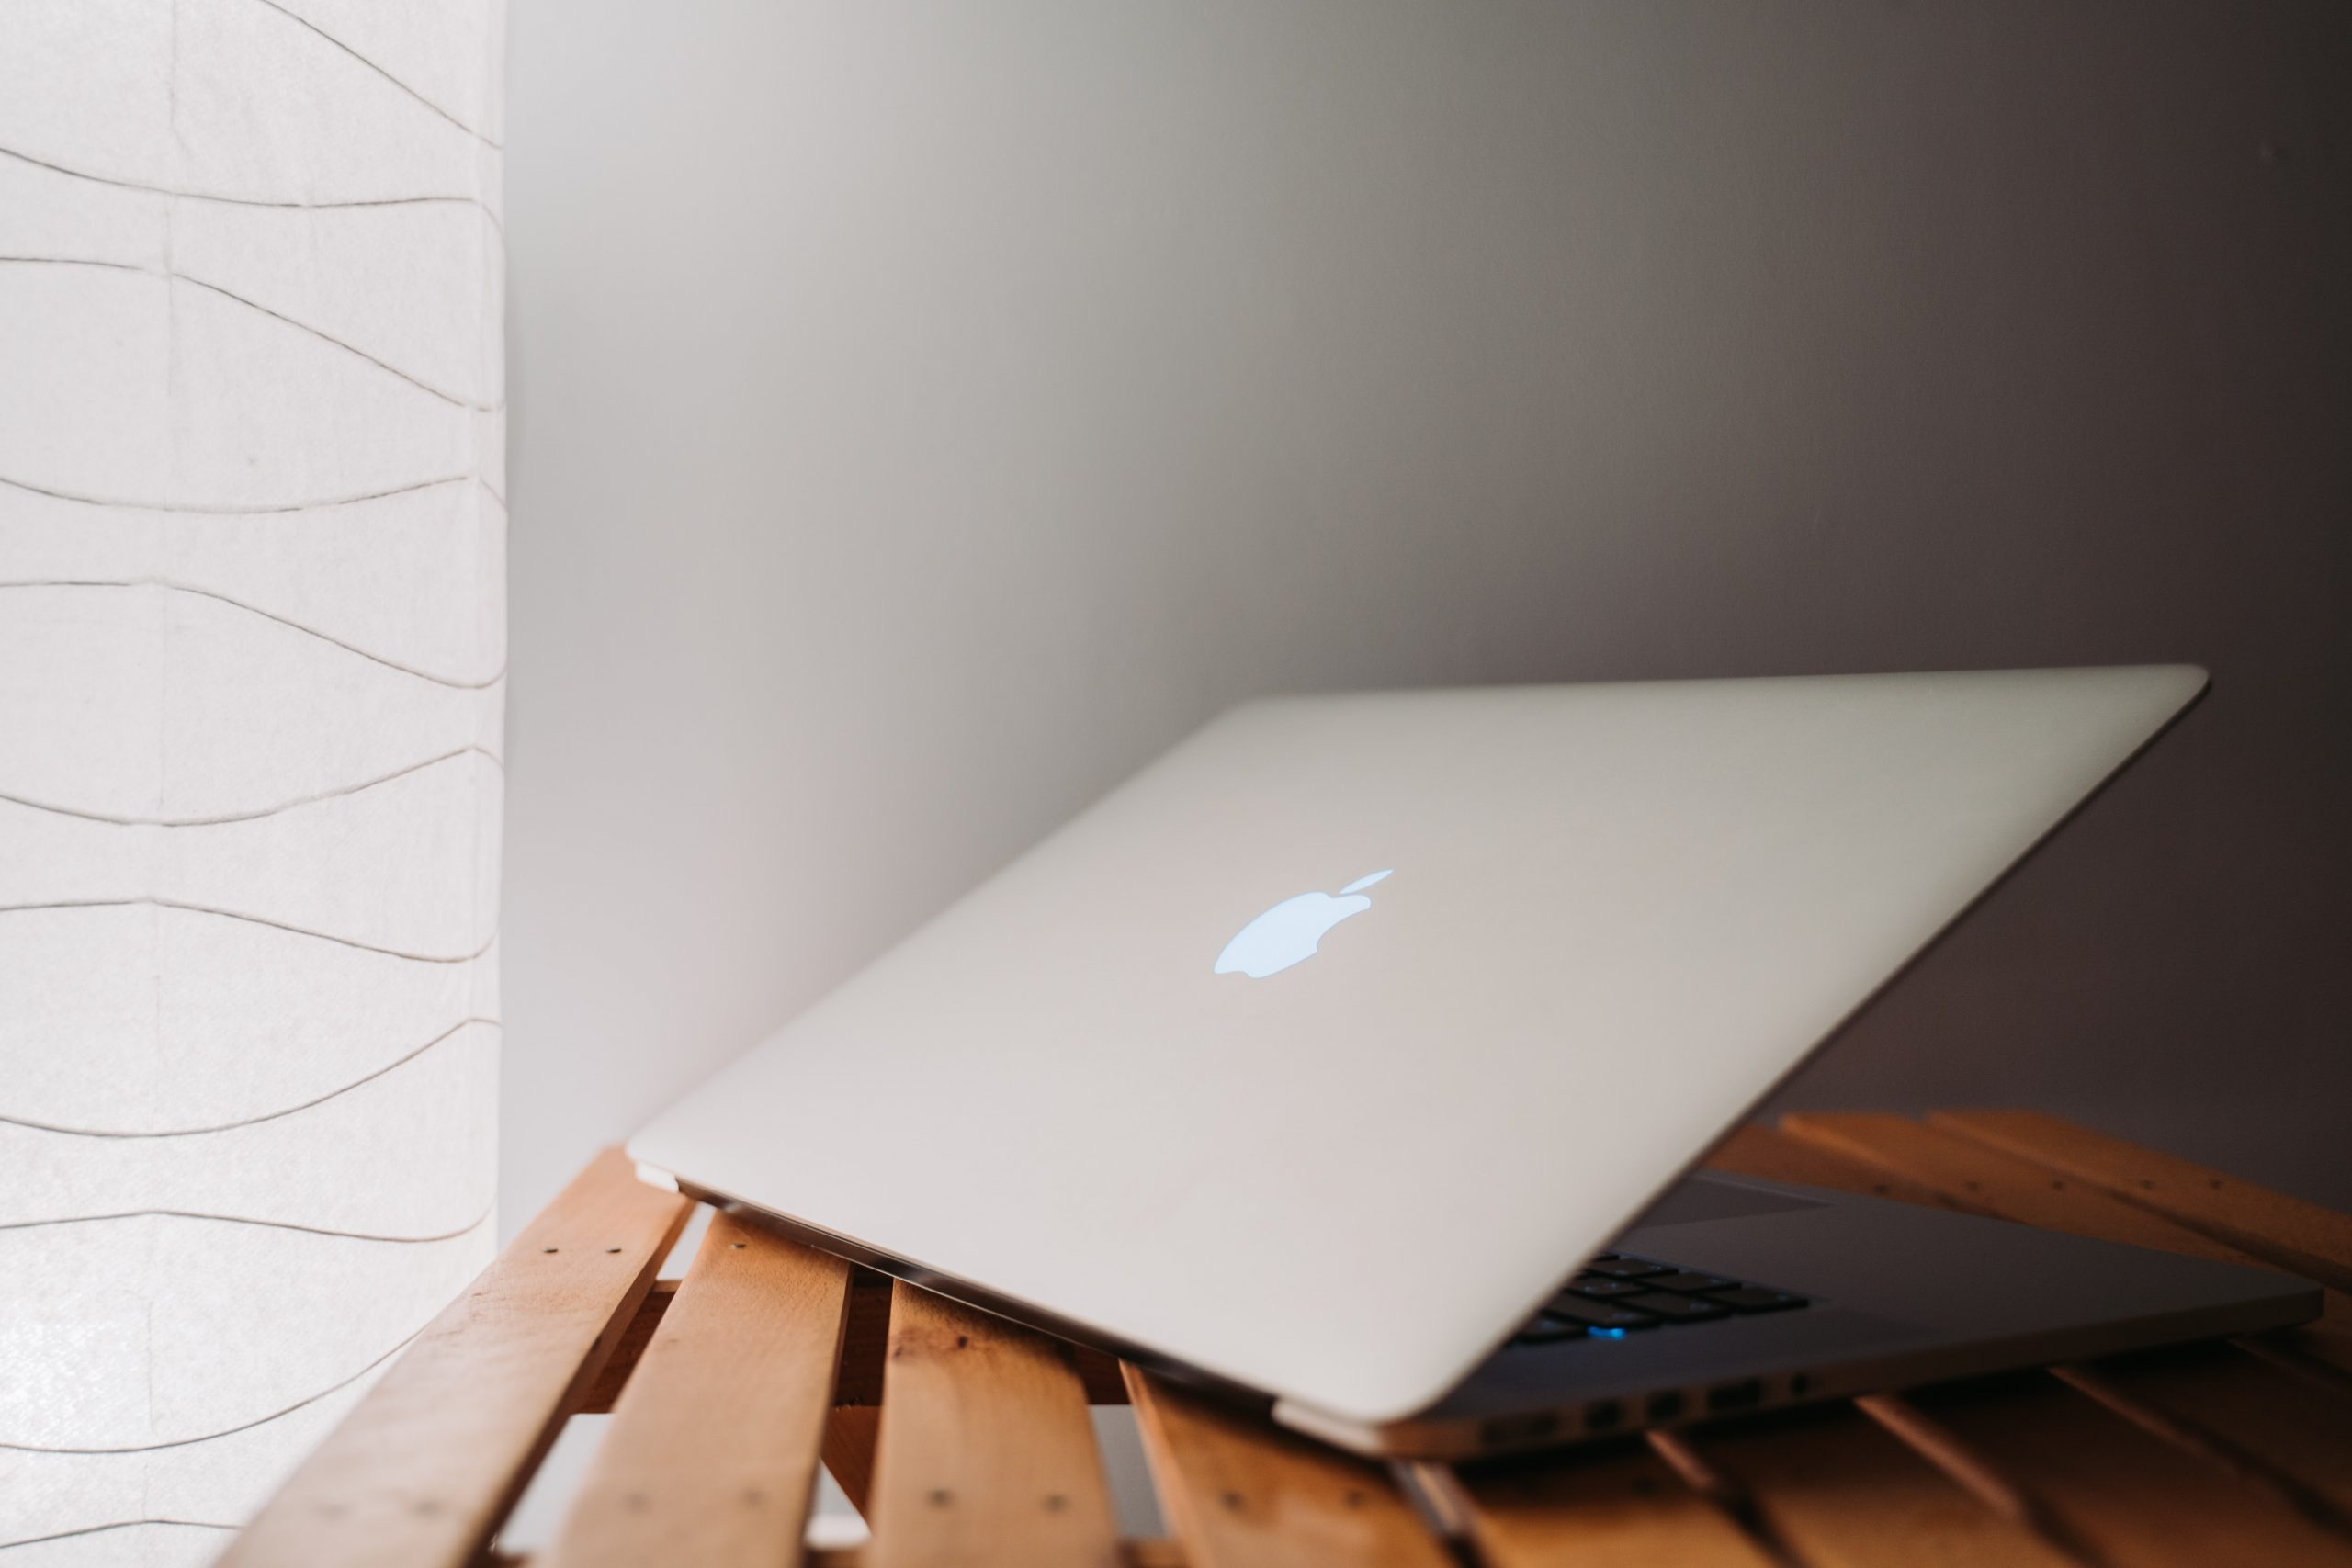 cara cek ram laptop windows 8